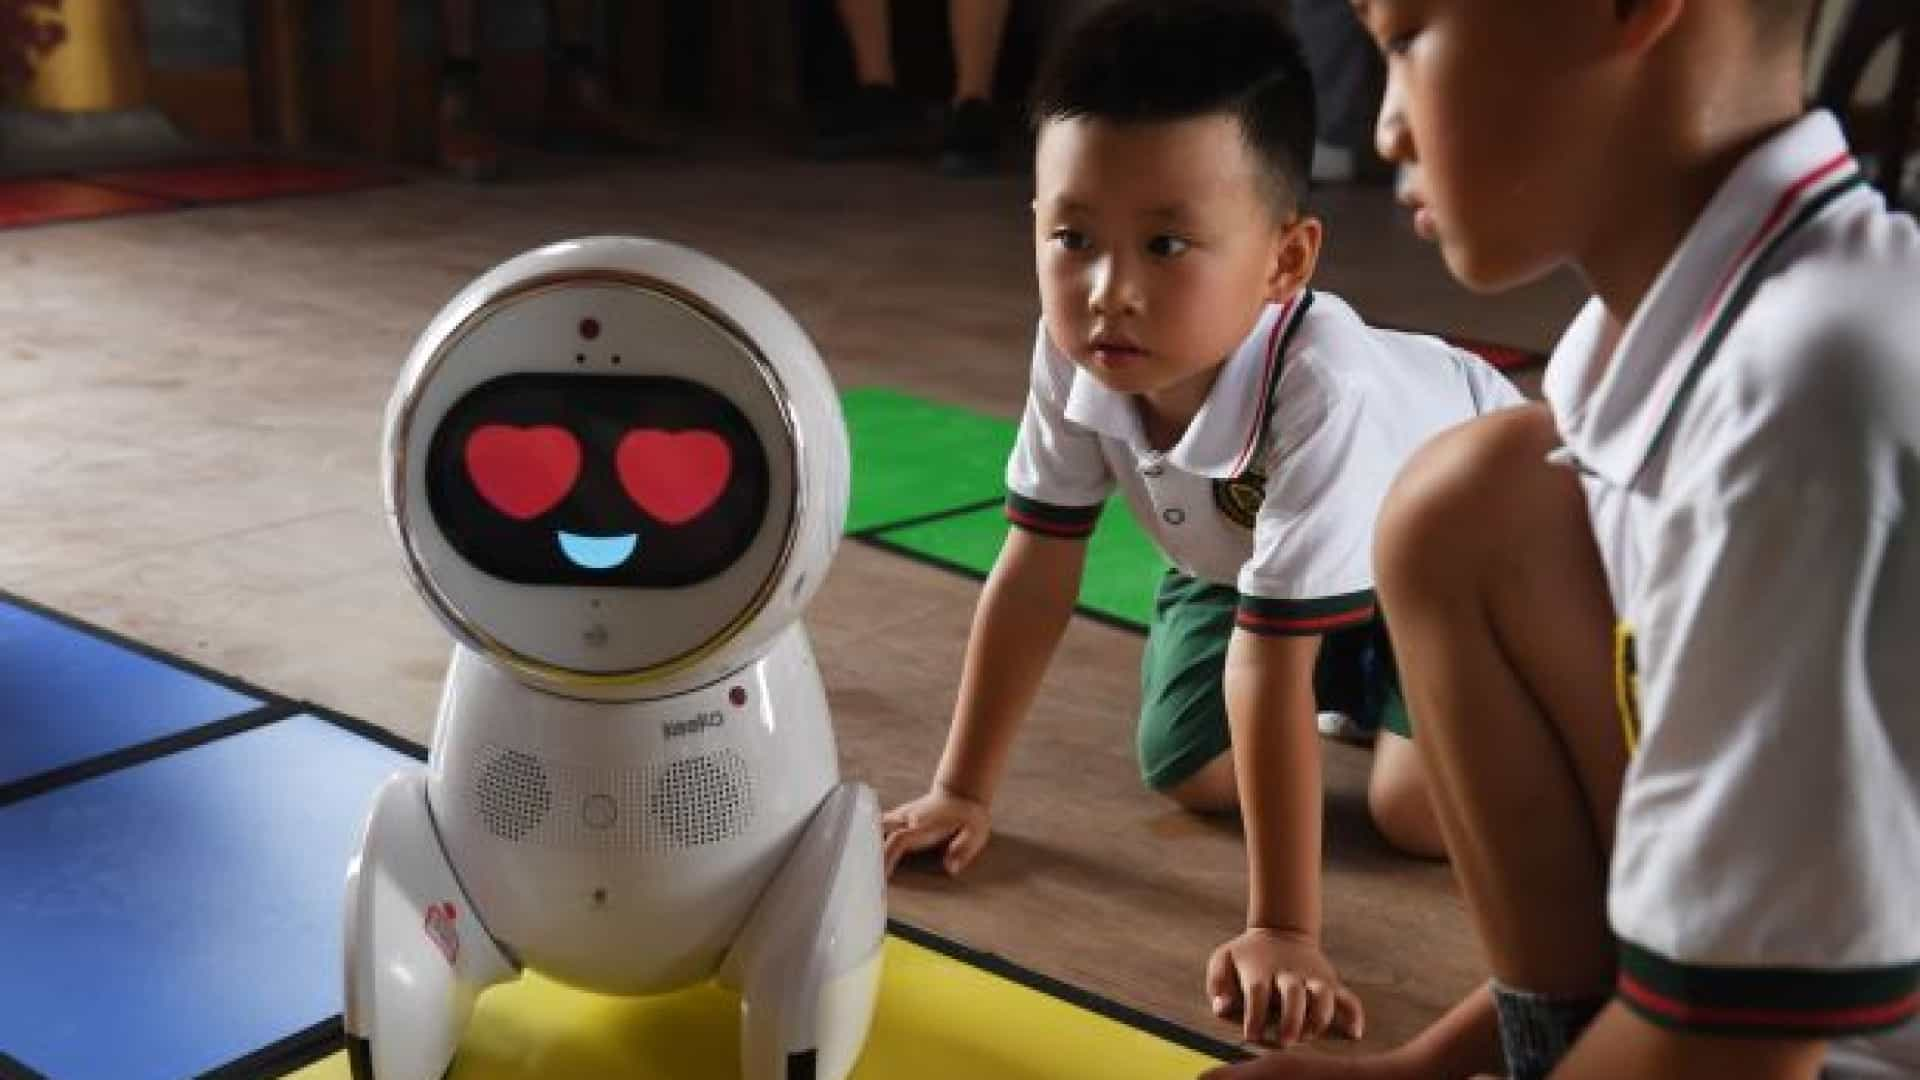 Jardins de infância na China adotam robots como professores